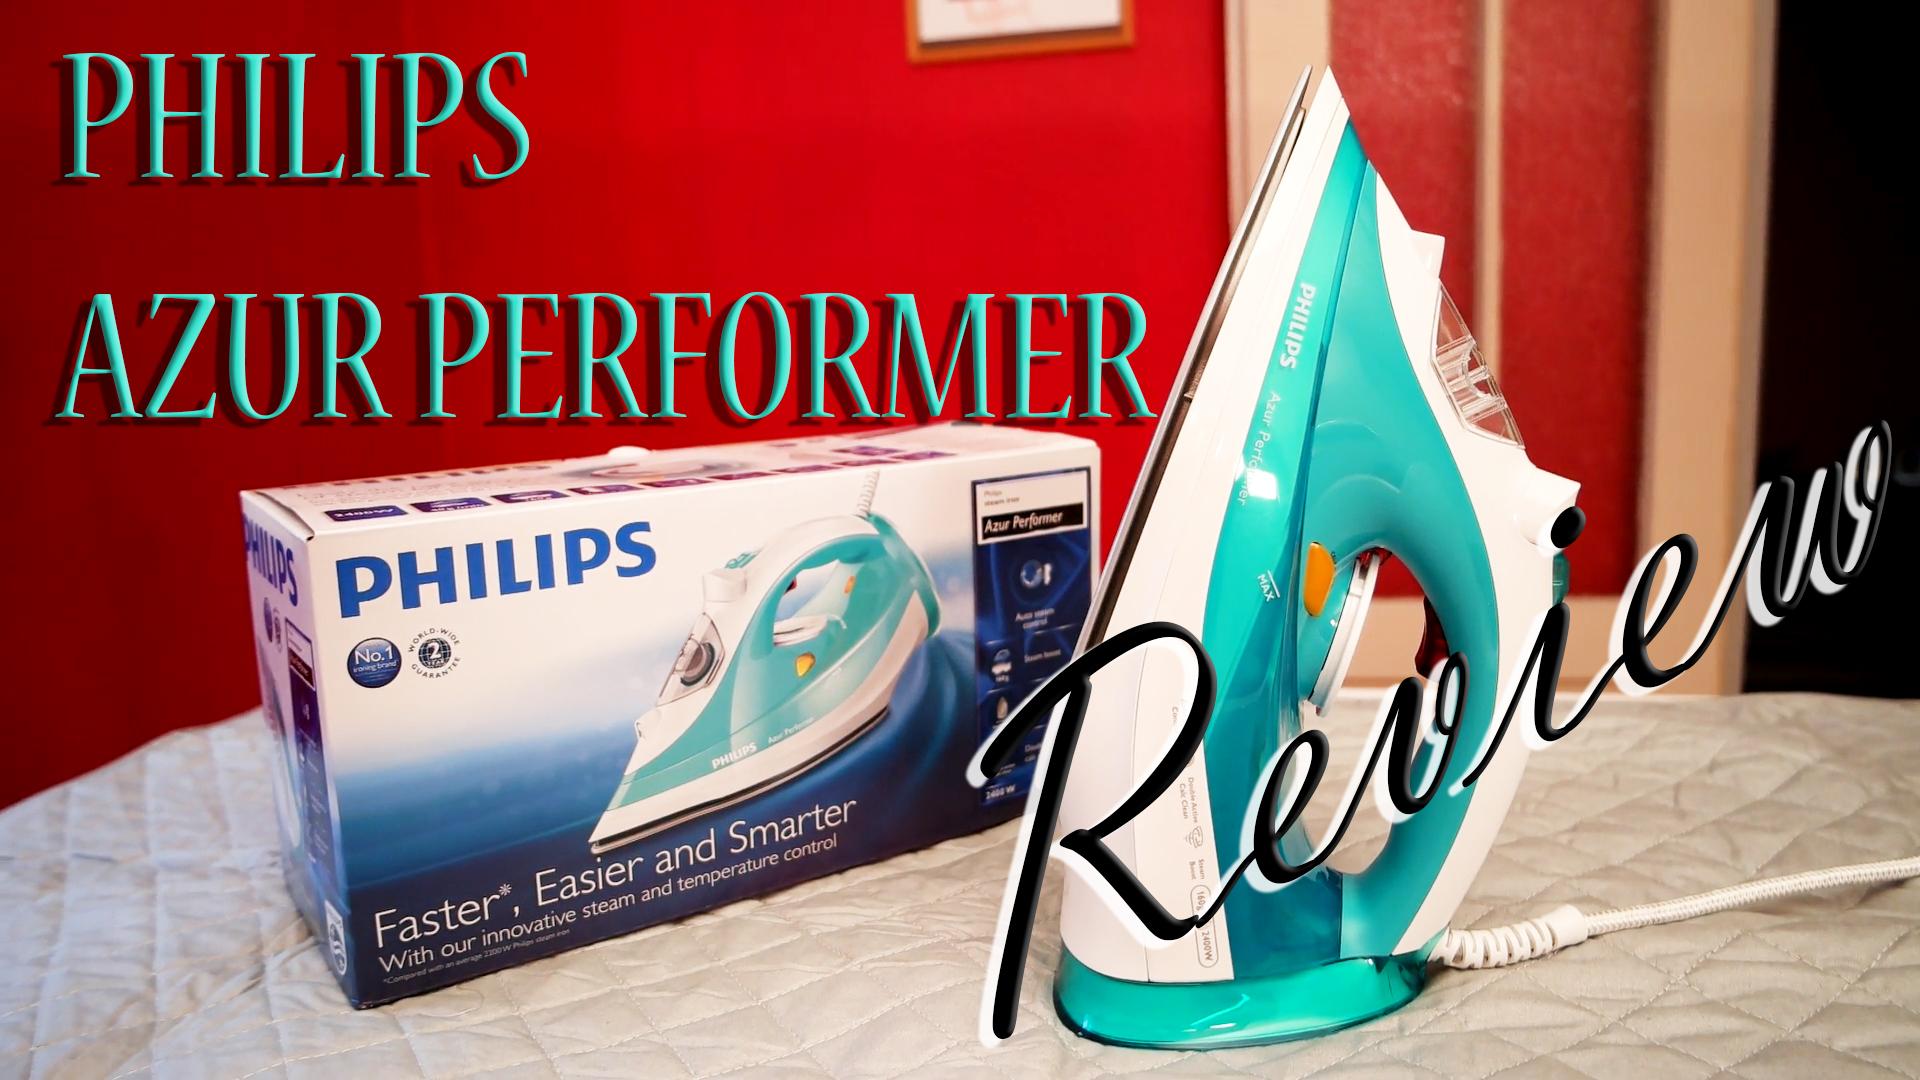 Bügeleisen-Dampfbügeleisen-Philips-Azur-Performer-Test-Testbericht-Produkttest